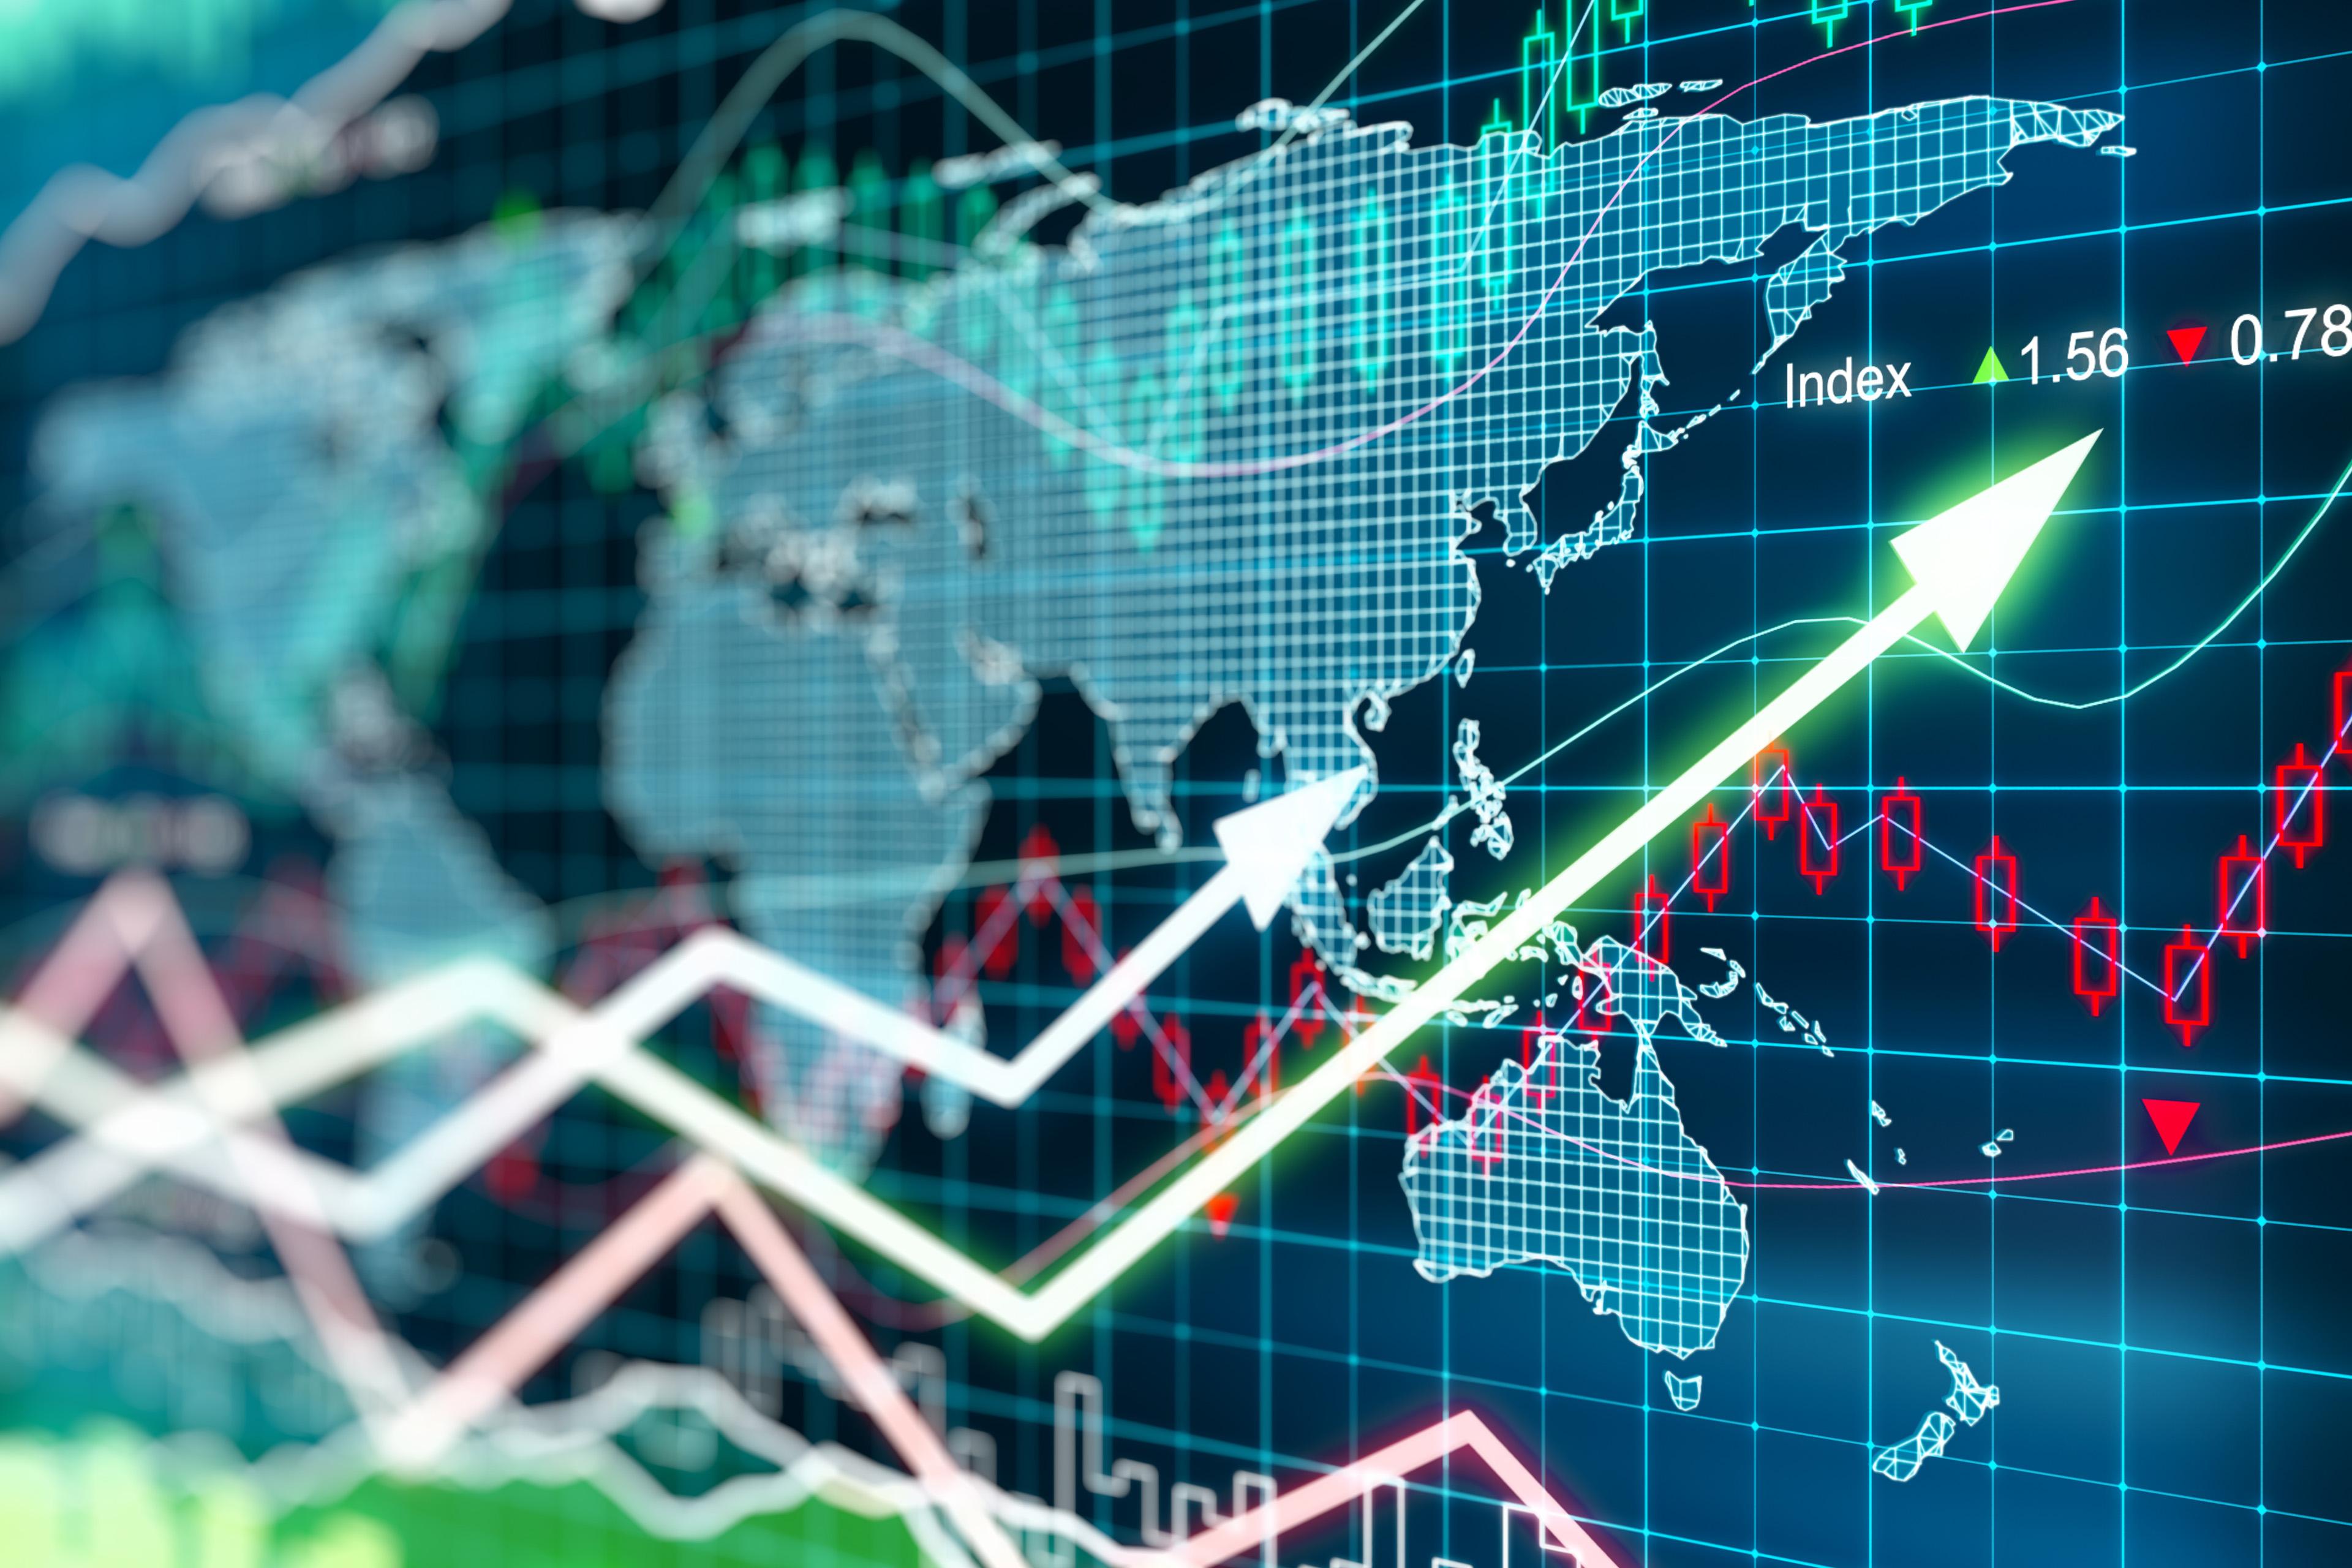 グラフ理論を用いた循環取引の検知